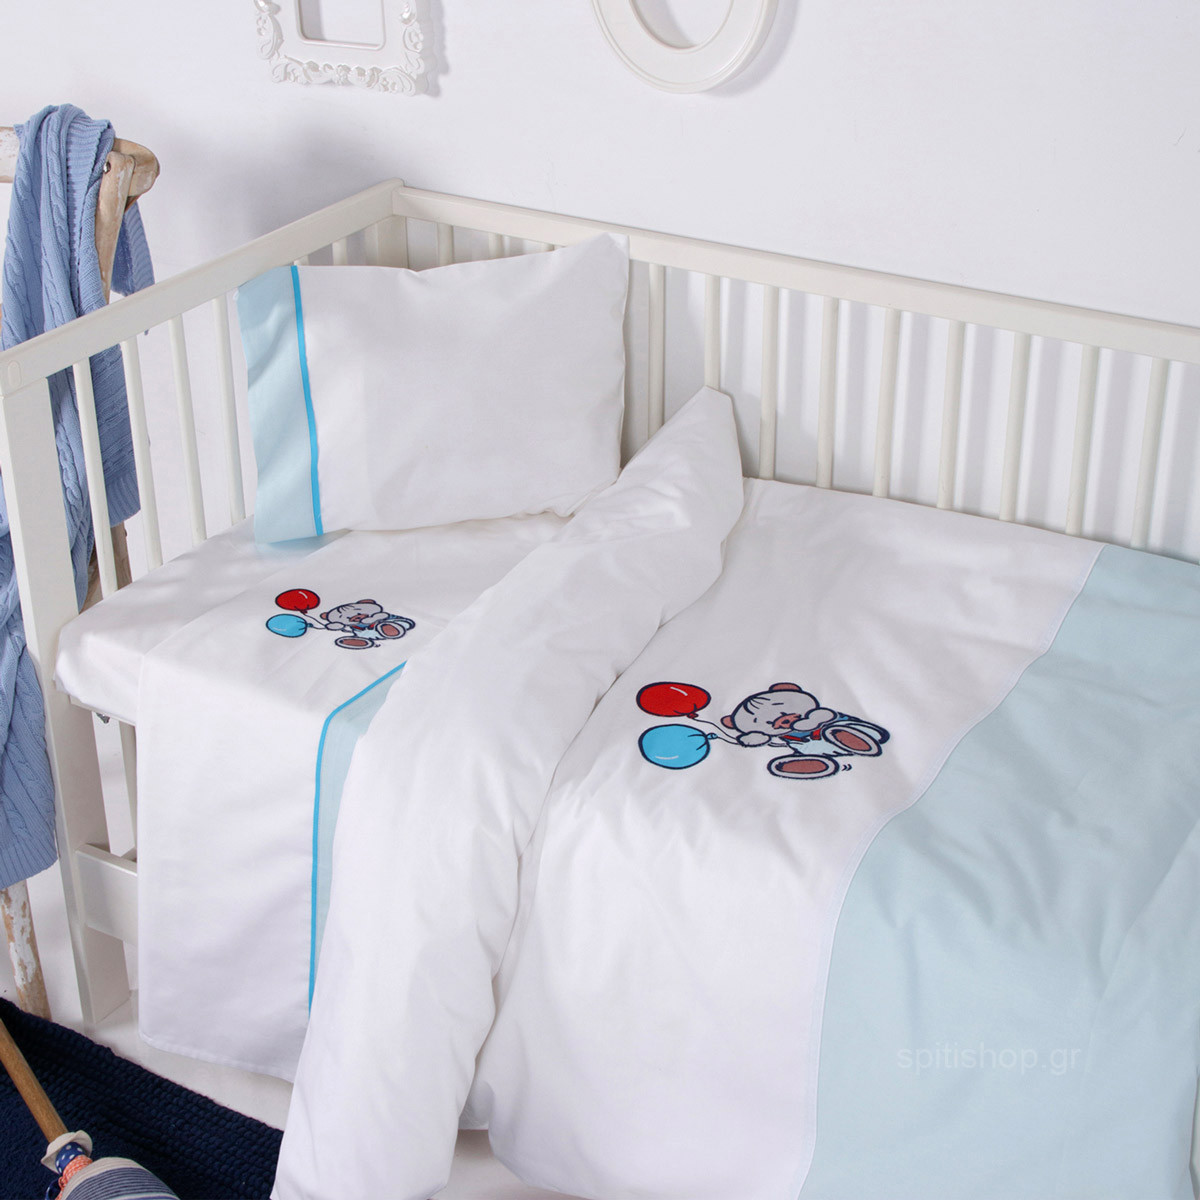 Σεντόνια Κούνιας (Σετ) Sb Home Baby Arturo Blue